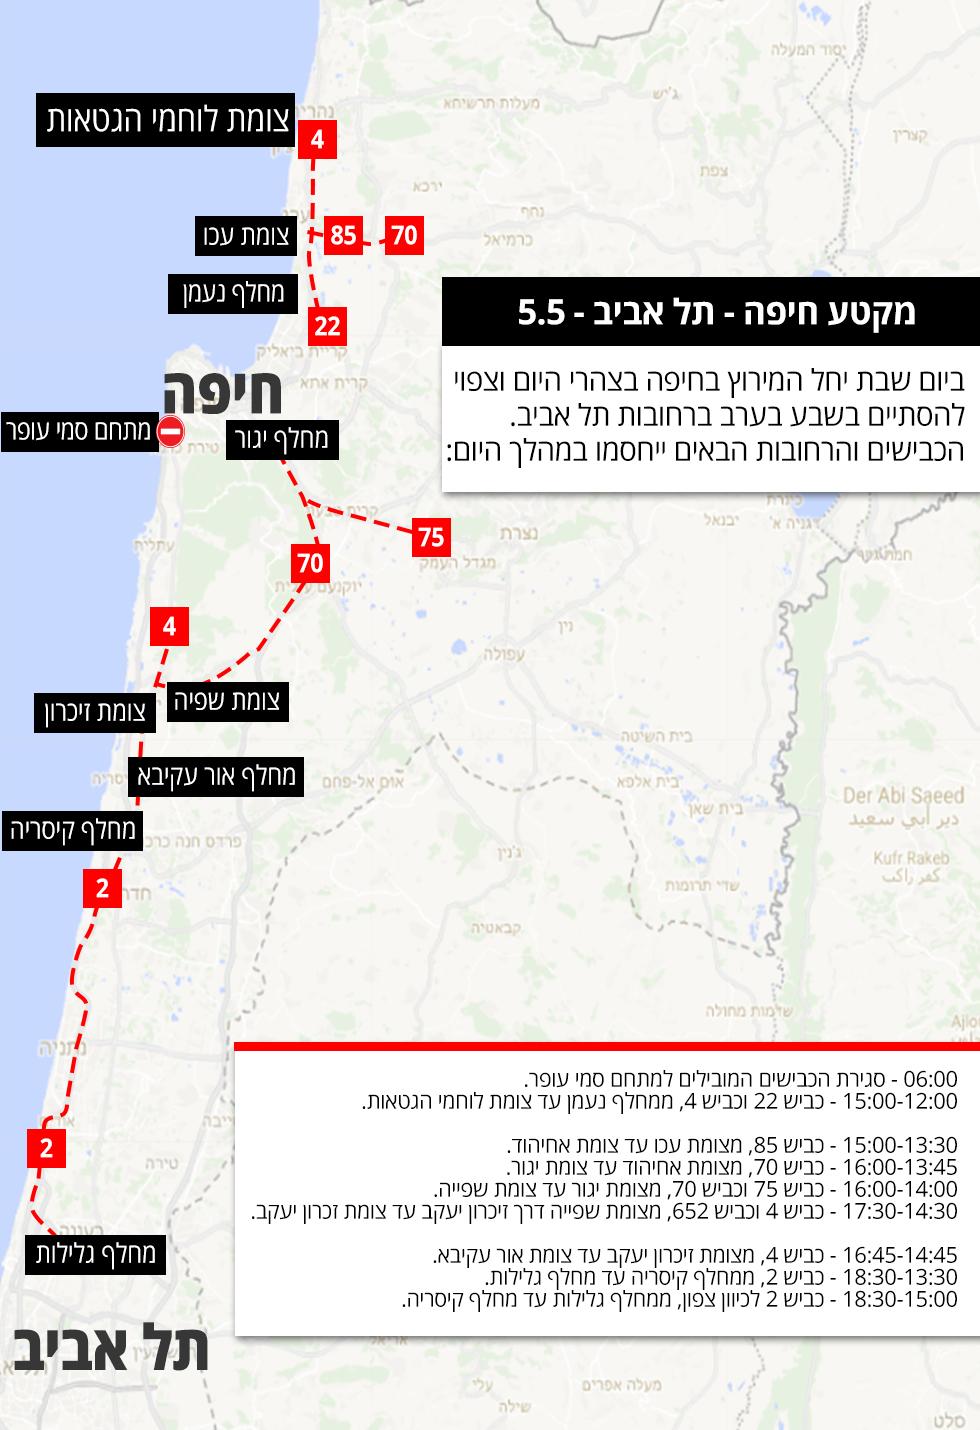 אינפו גרפיקה מפה מירוץ אופניים ג'ירו דאיטליה חיפה ישראל  ()